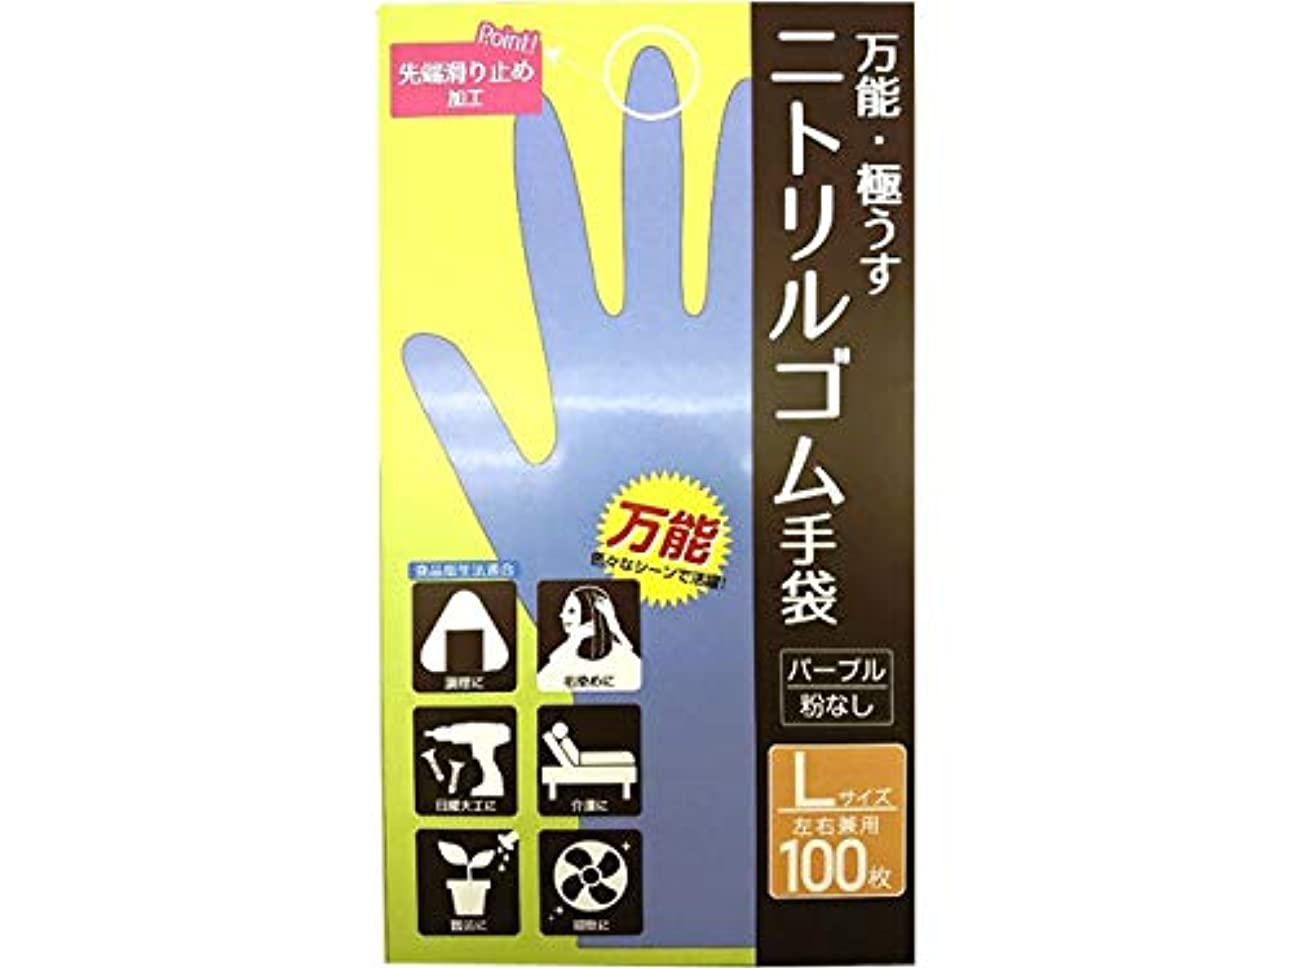 誠実さポータルパイプラインCS ニトリルゴム手袋 L 100P